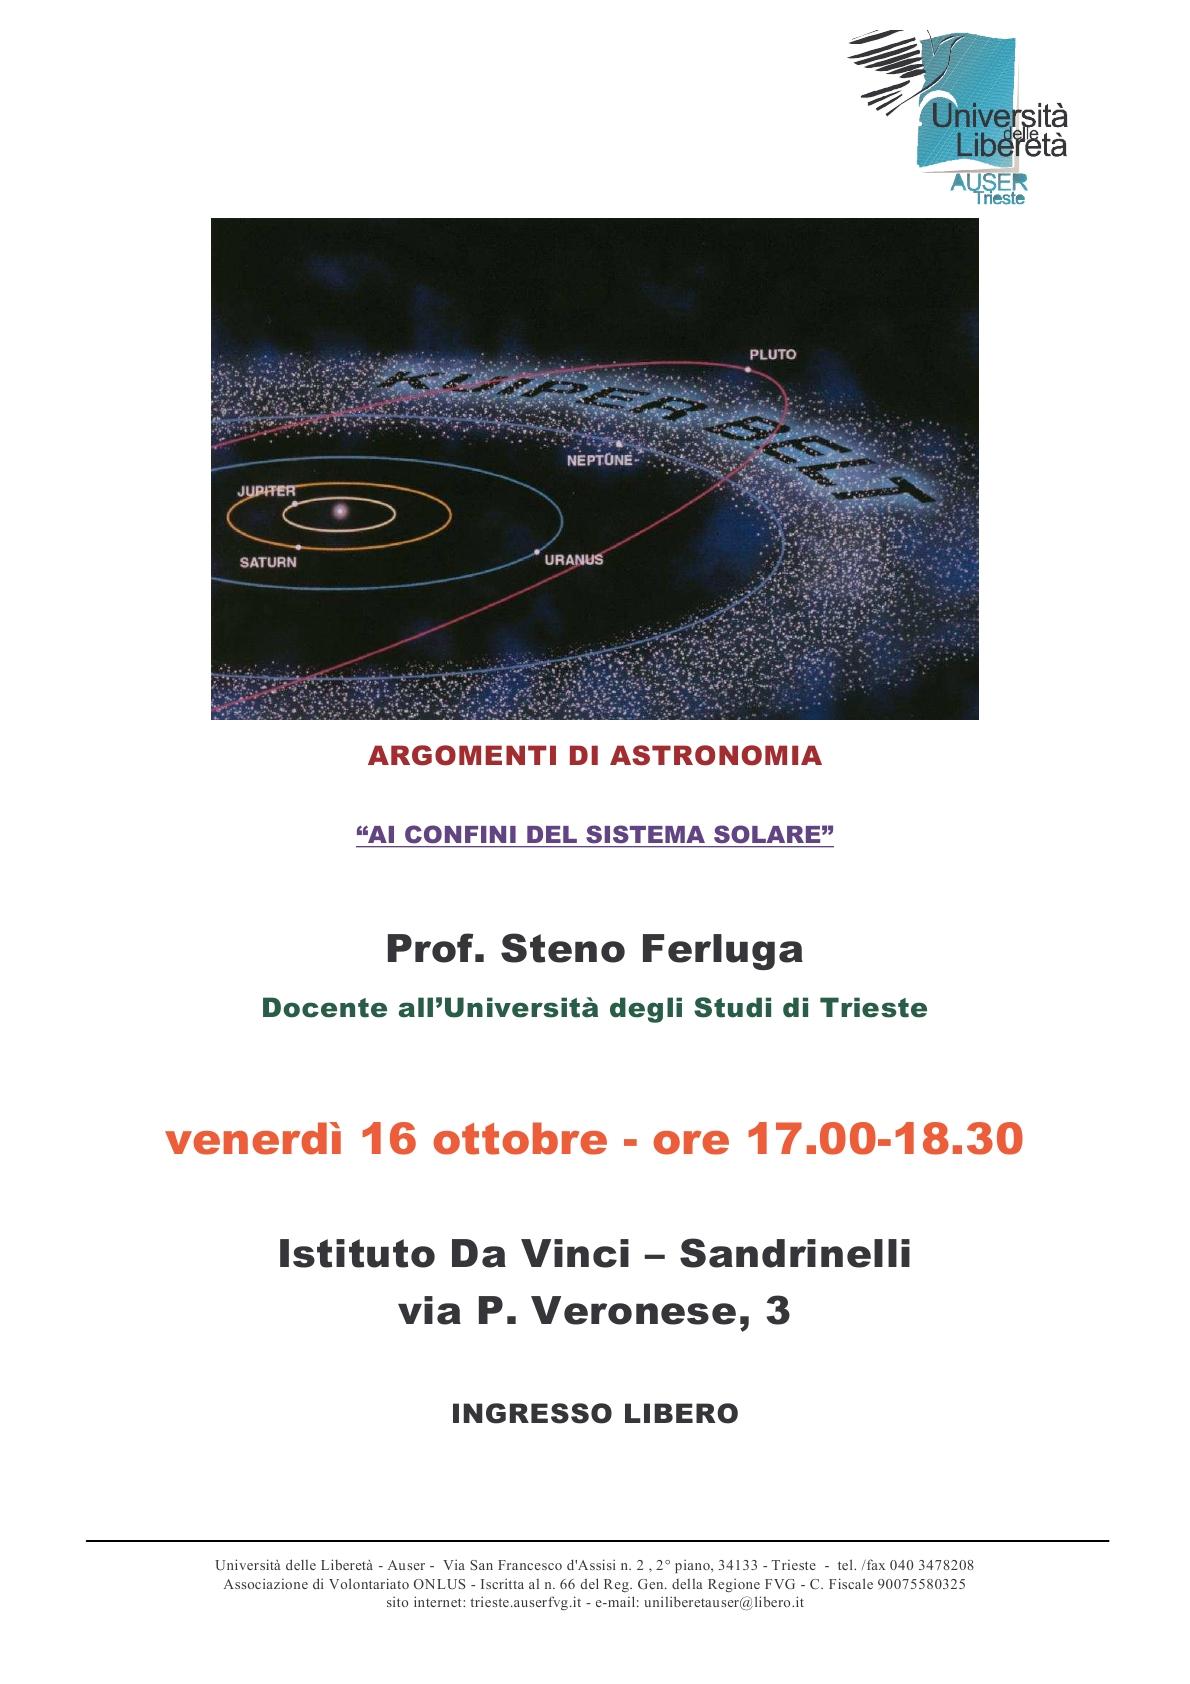 locandina astronomia-1